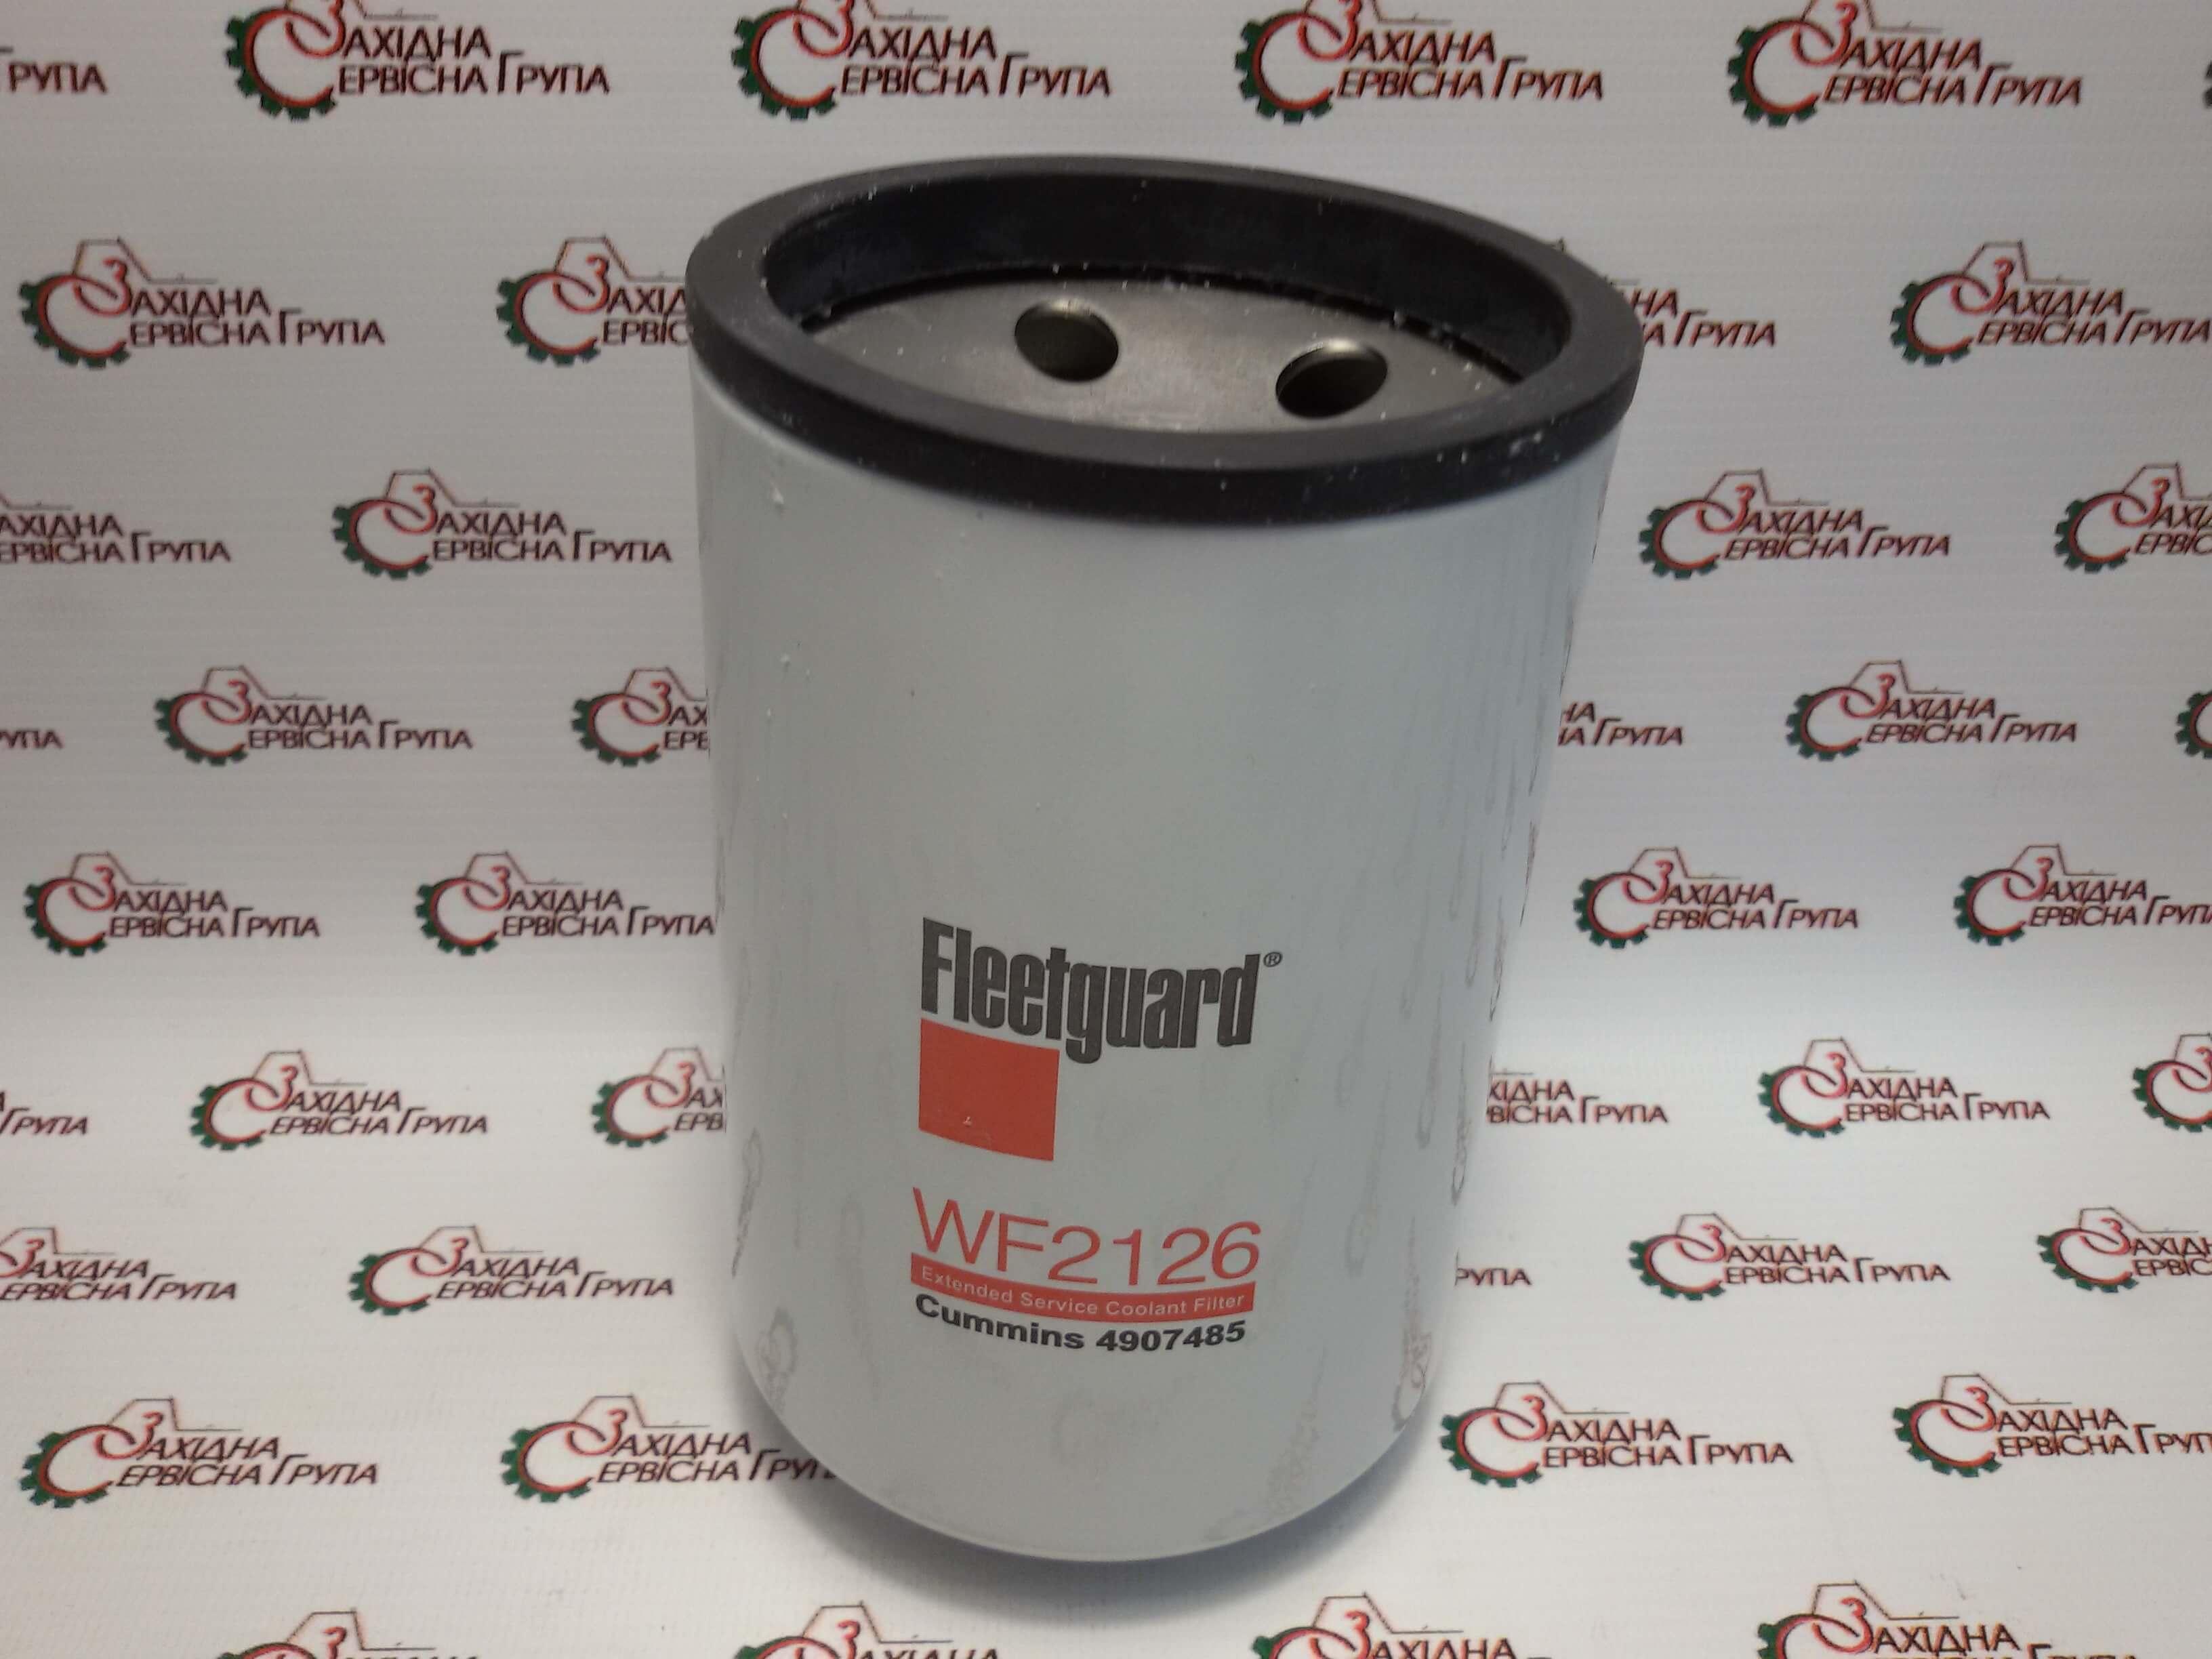 Фільтр охолоджуючої рідини Cummins Fleetguard WF2126, 4907485, 3100310, 3680433.